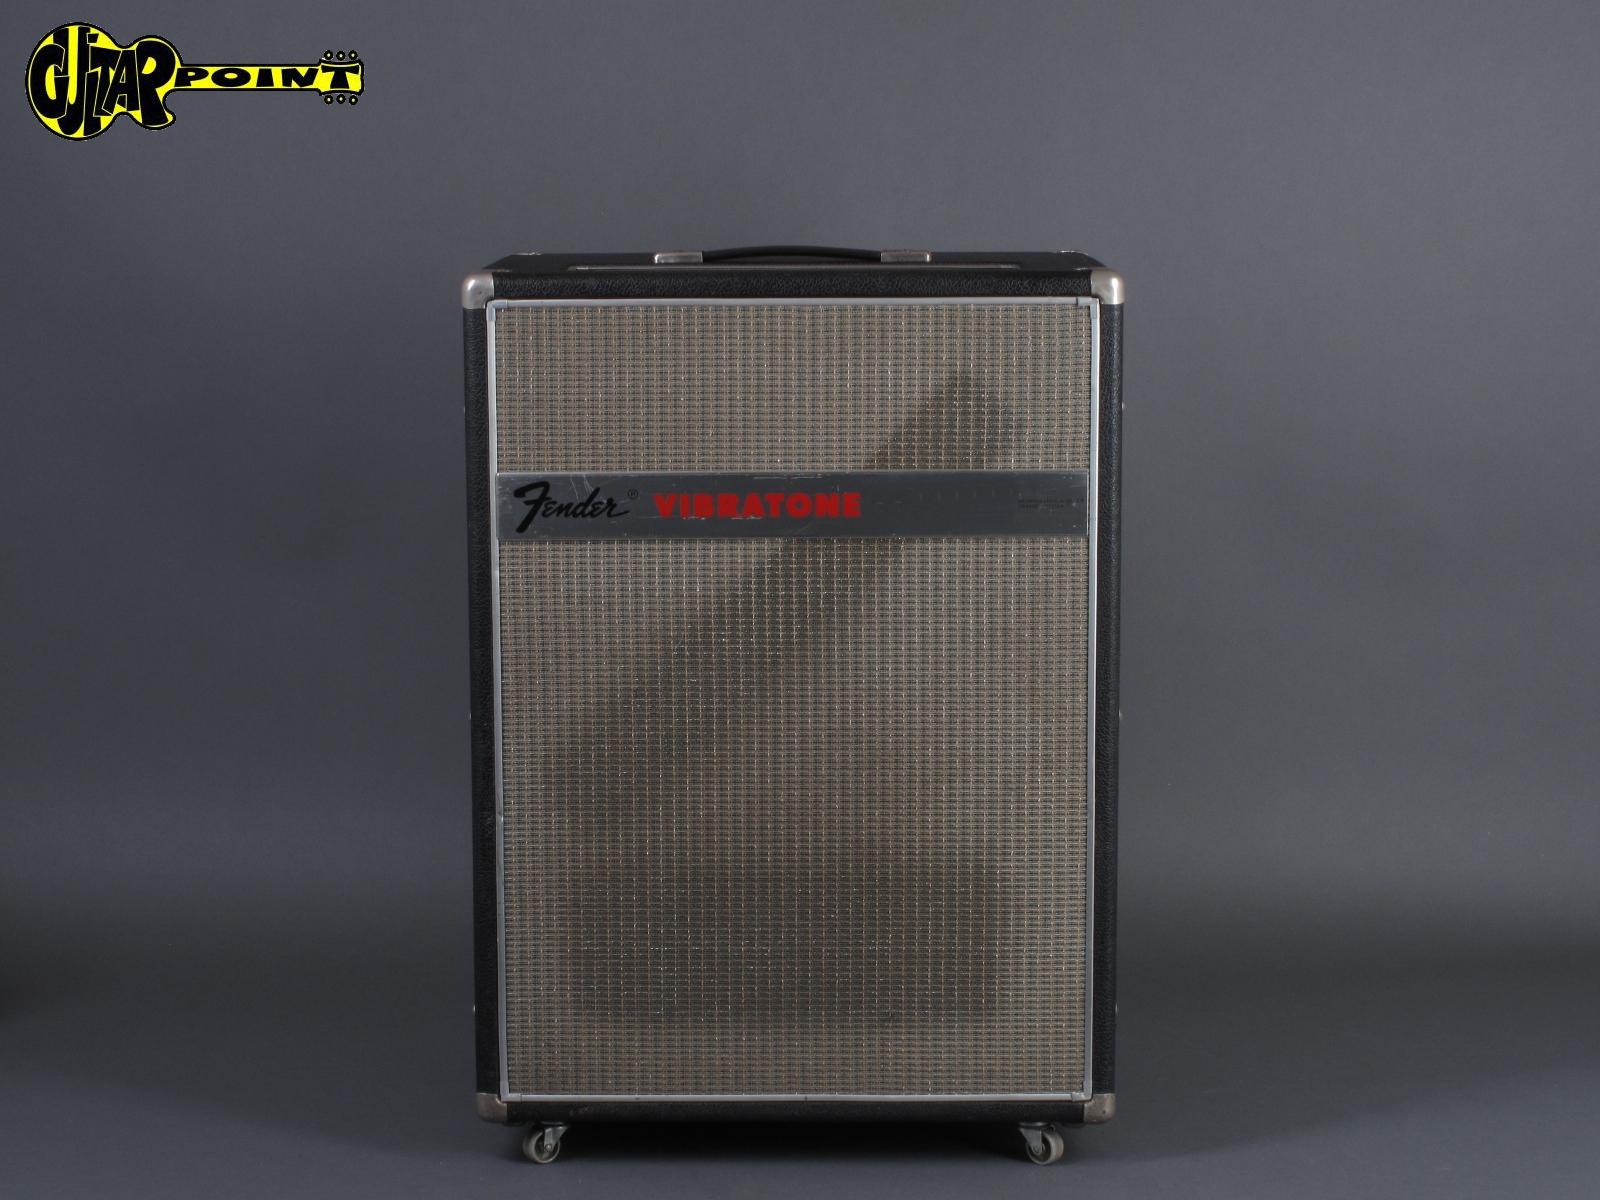 1968 Fender Vibratone  Leslie Speaker Cabinet